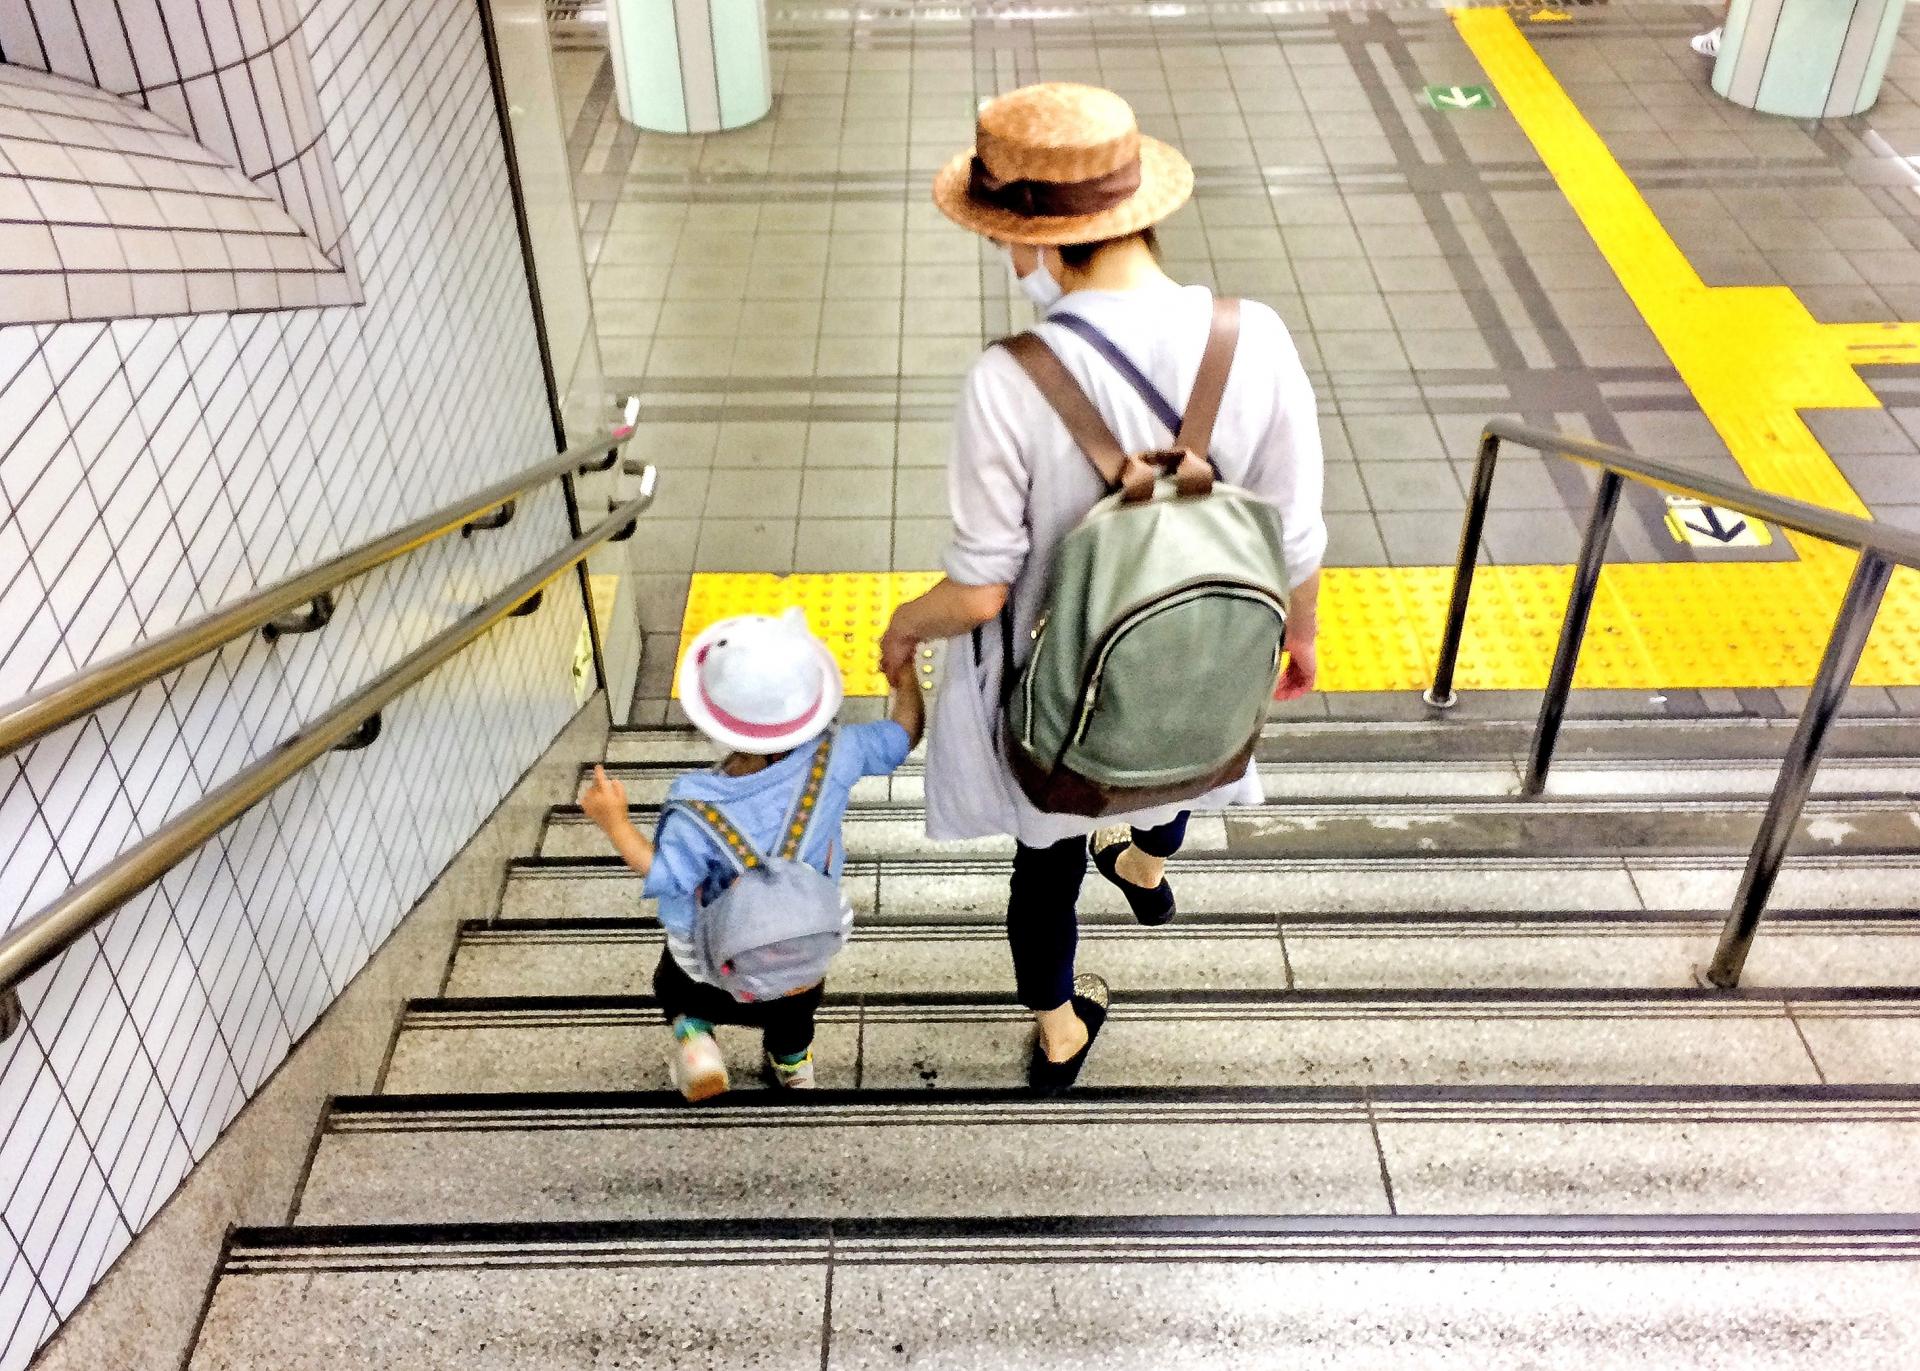 【第4回】「常磐線女児出産」から感じた部下を評価する際に大切な2つのこと=濱潟好古